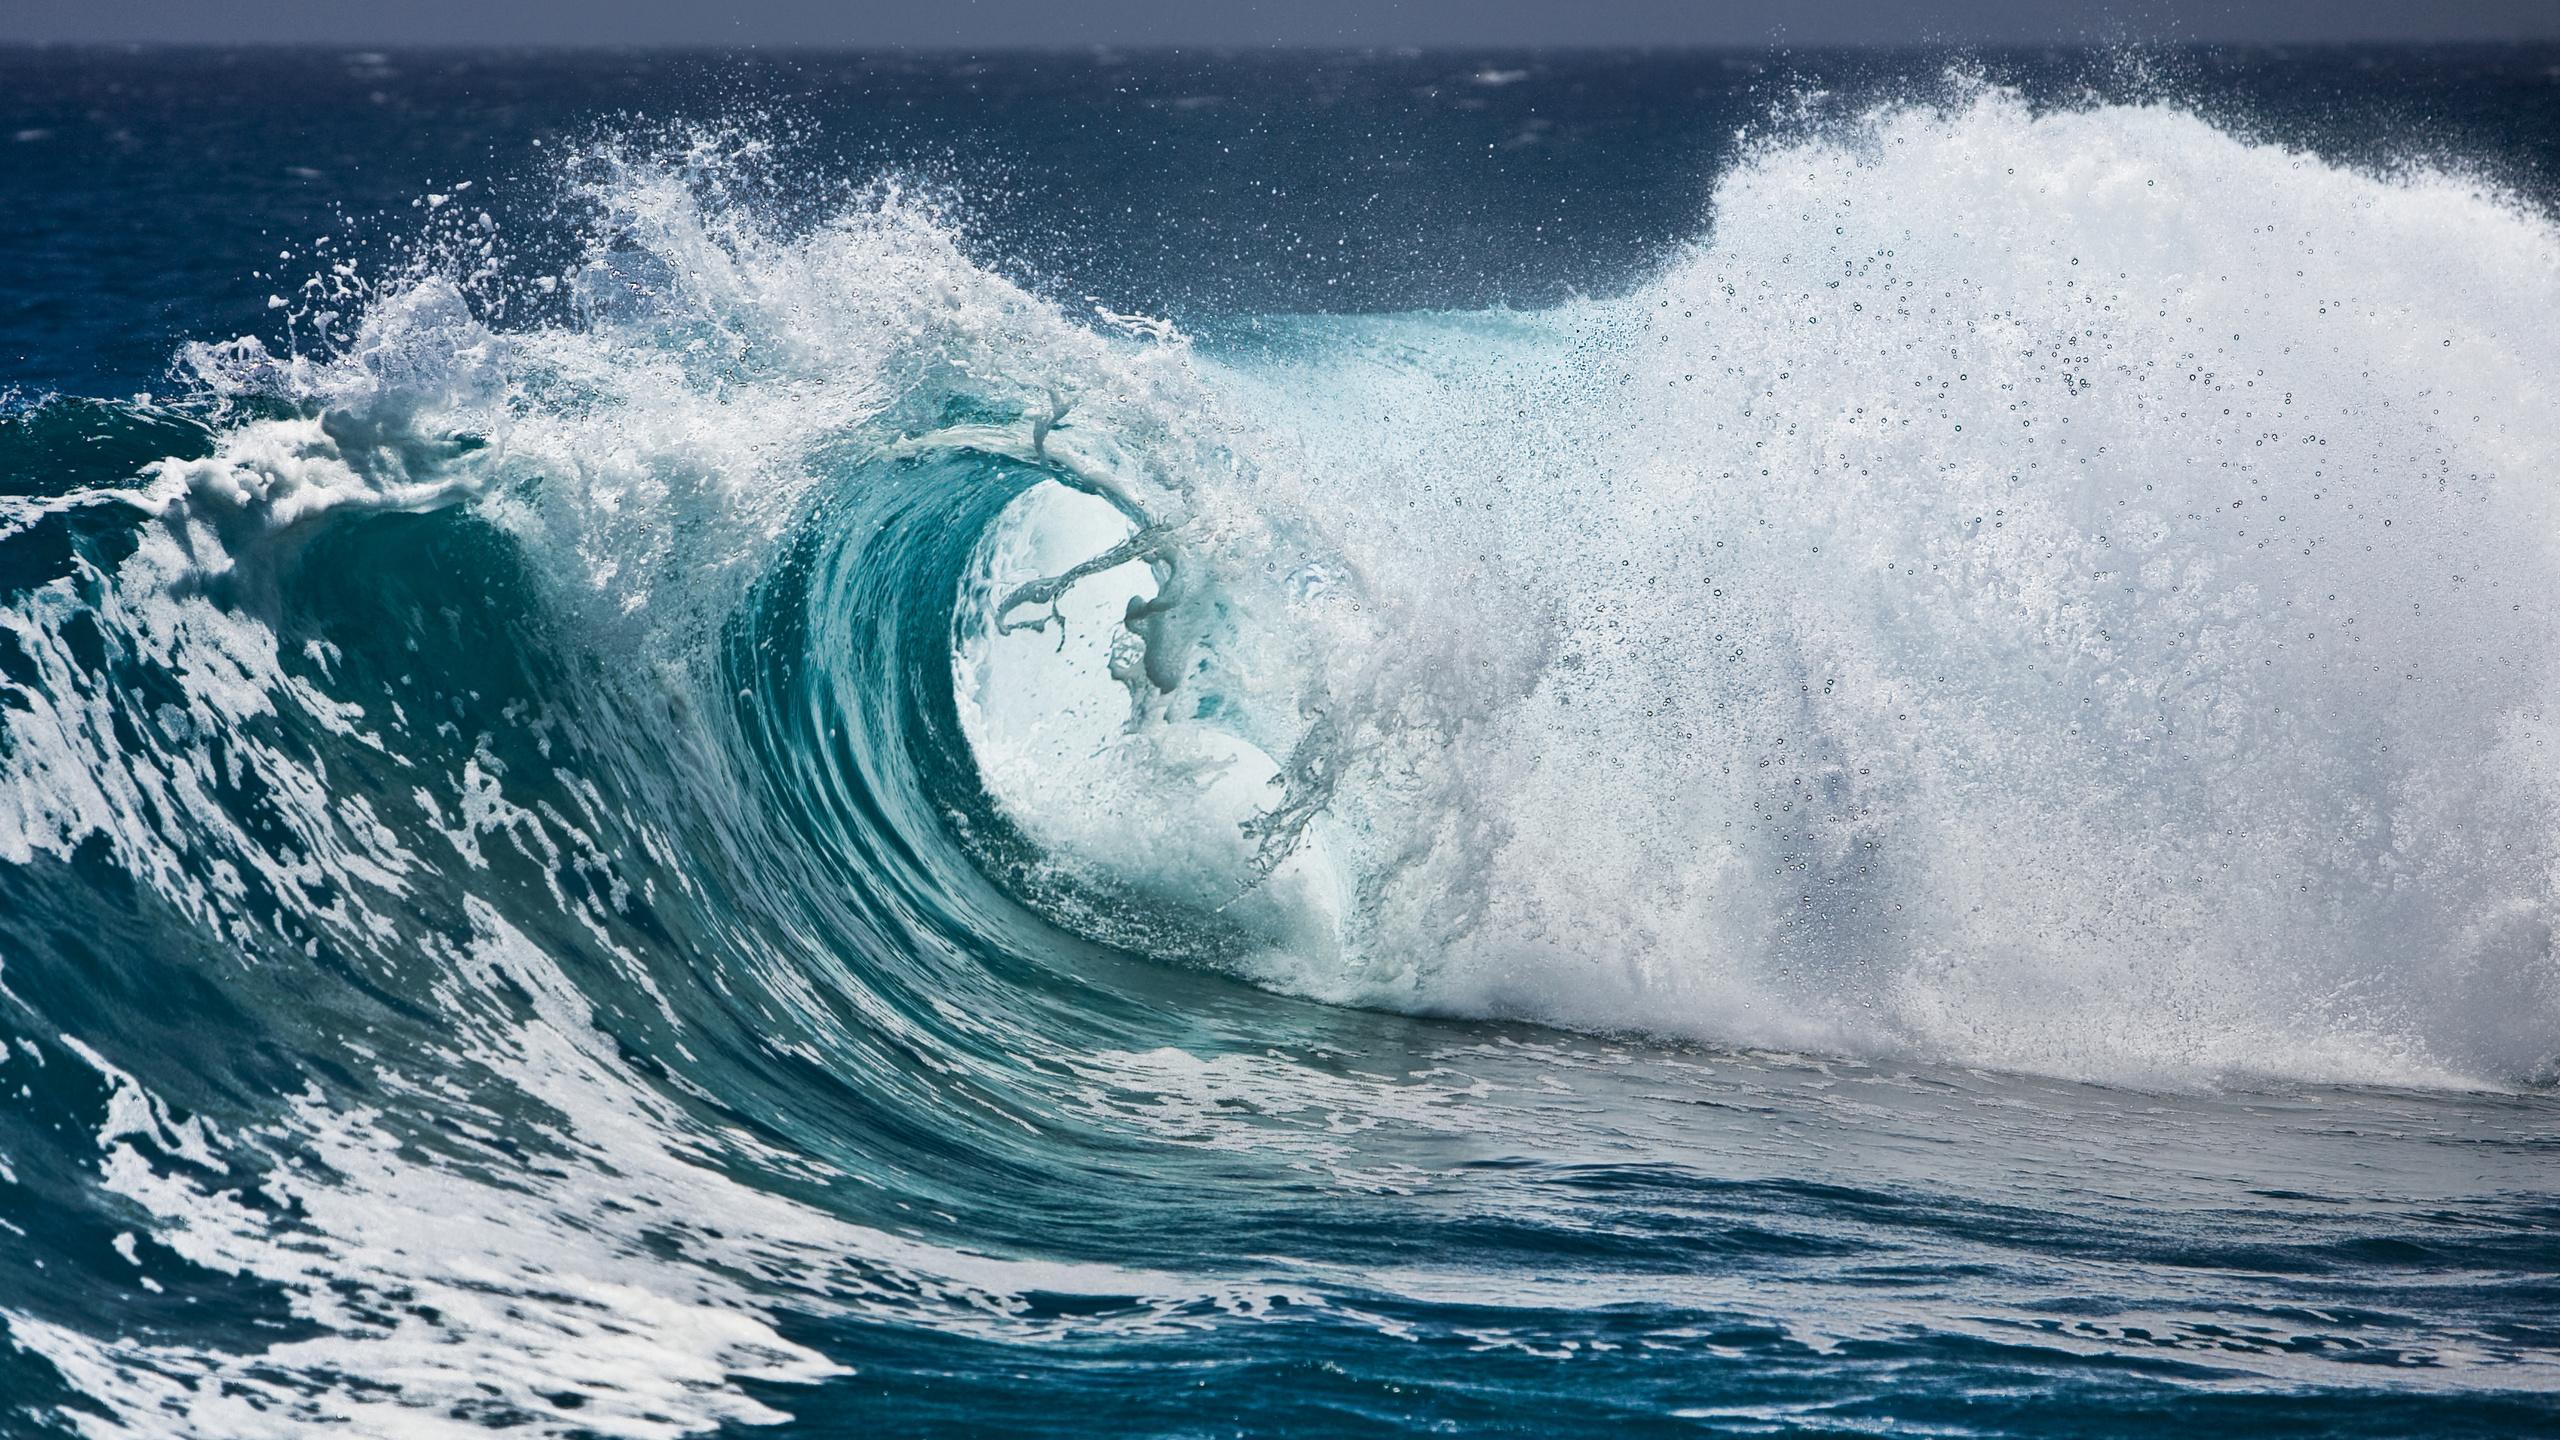 Картинка море волны двигаются